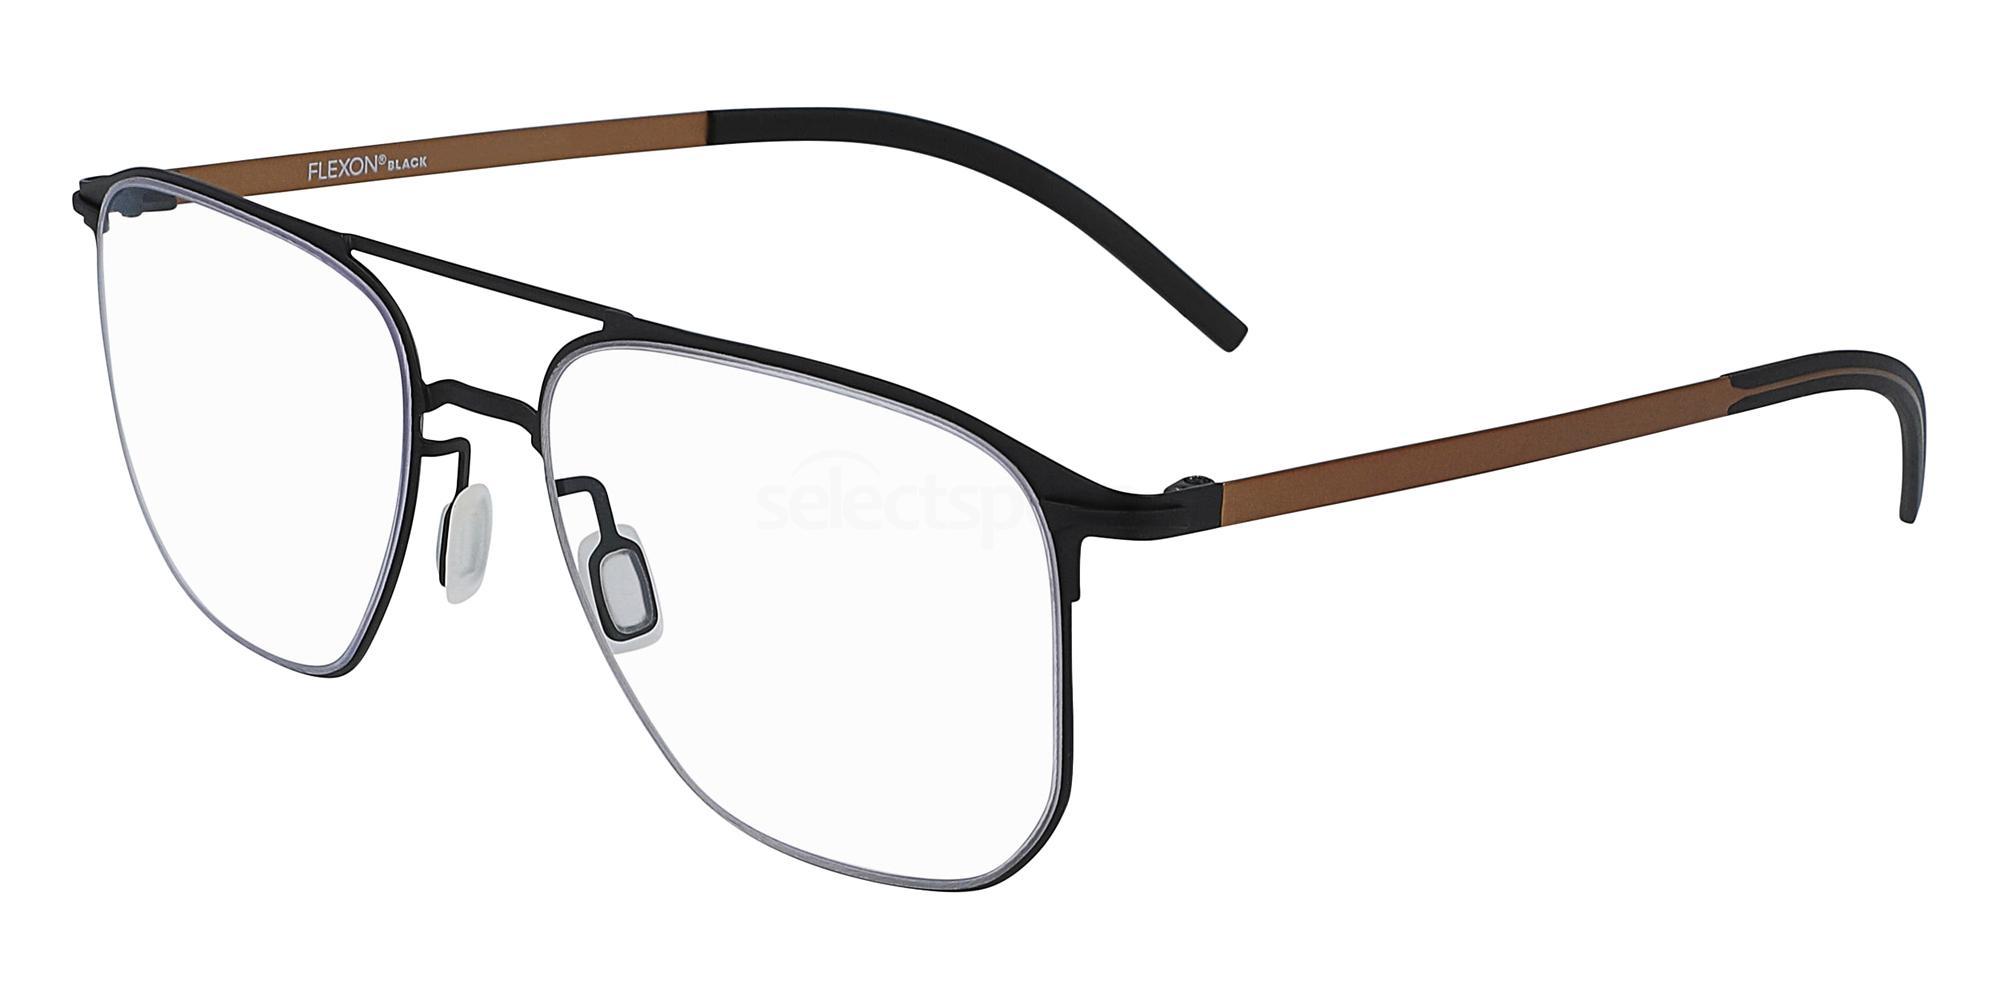 001 FLEXON B2004 Glasses, Flexon